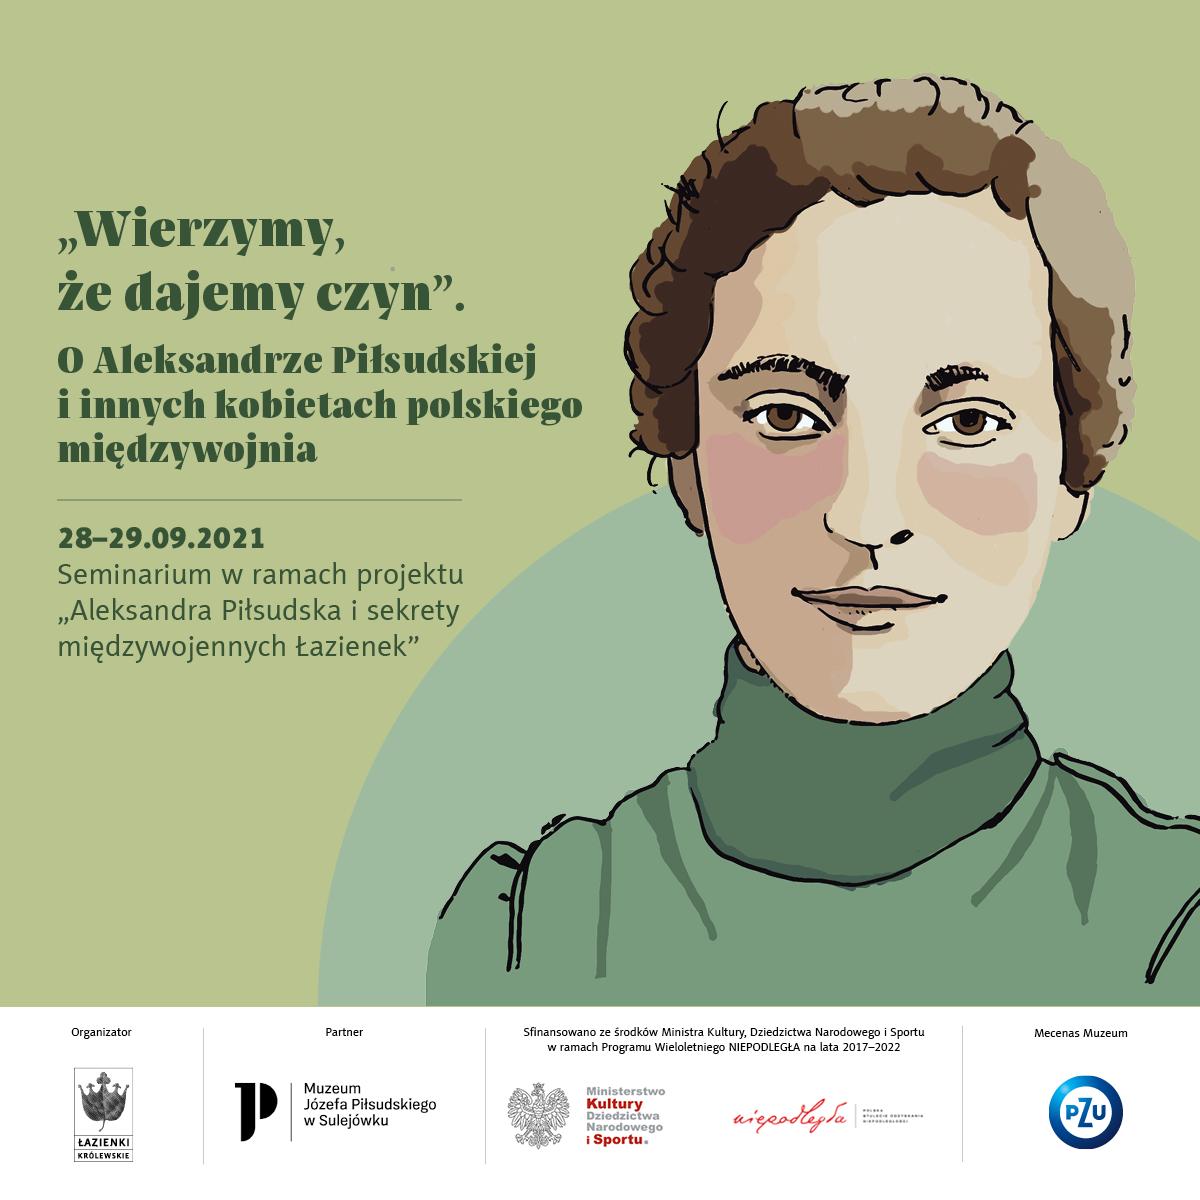 Przedstawienie twarzy kobiety inspirowane wizerunkiem Aleksandry Piłsudskiej. Obok tytuł i daty seminarium oraz tytuł projektu.